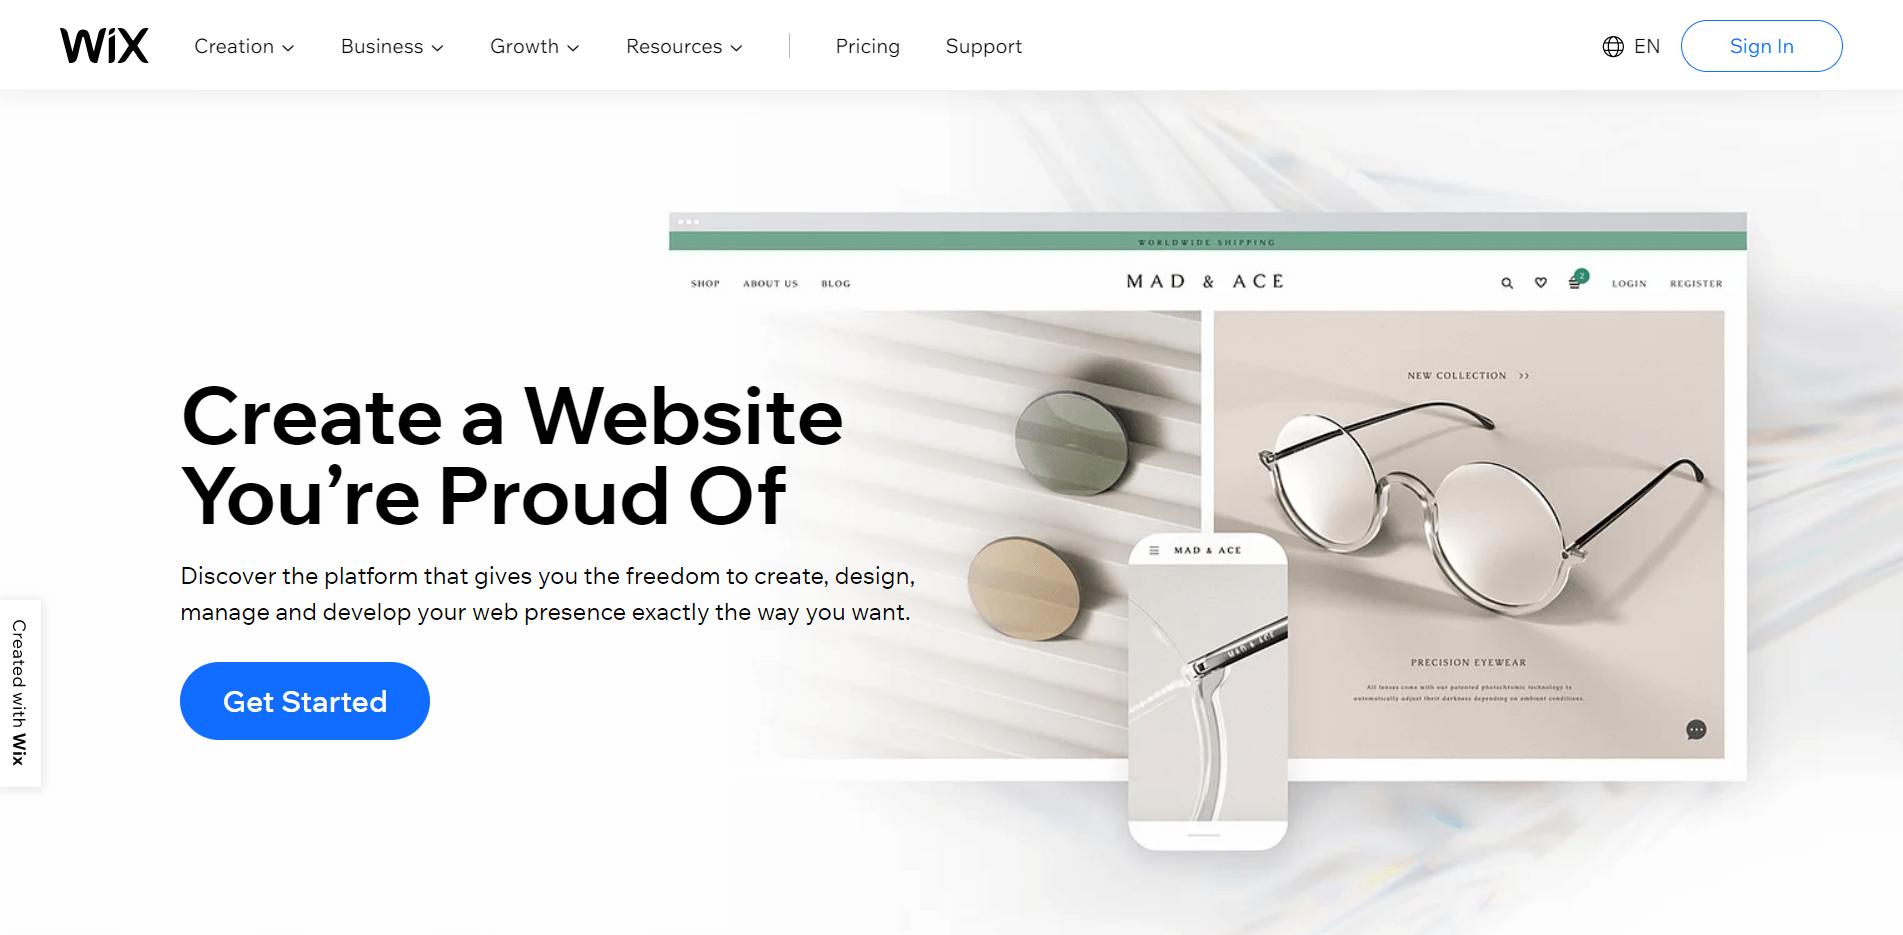 La página de inicio de Wix.